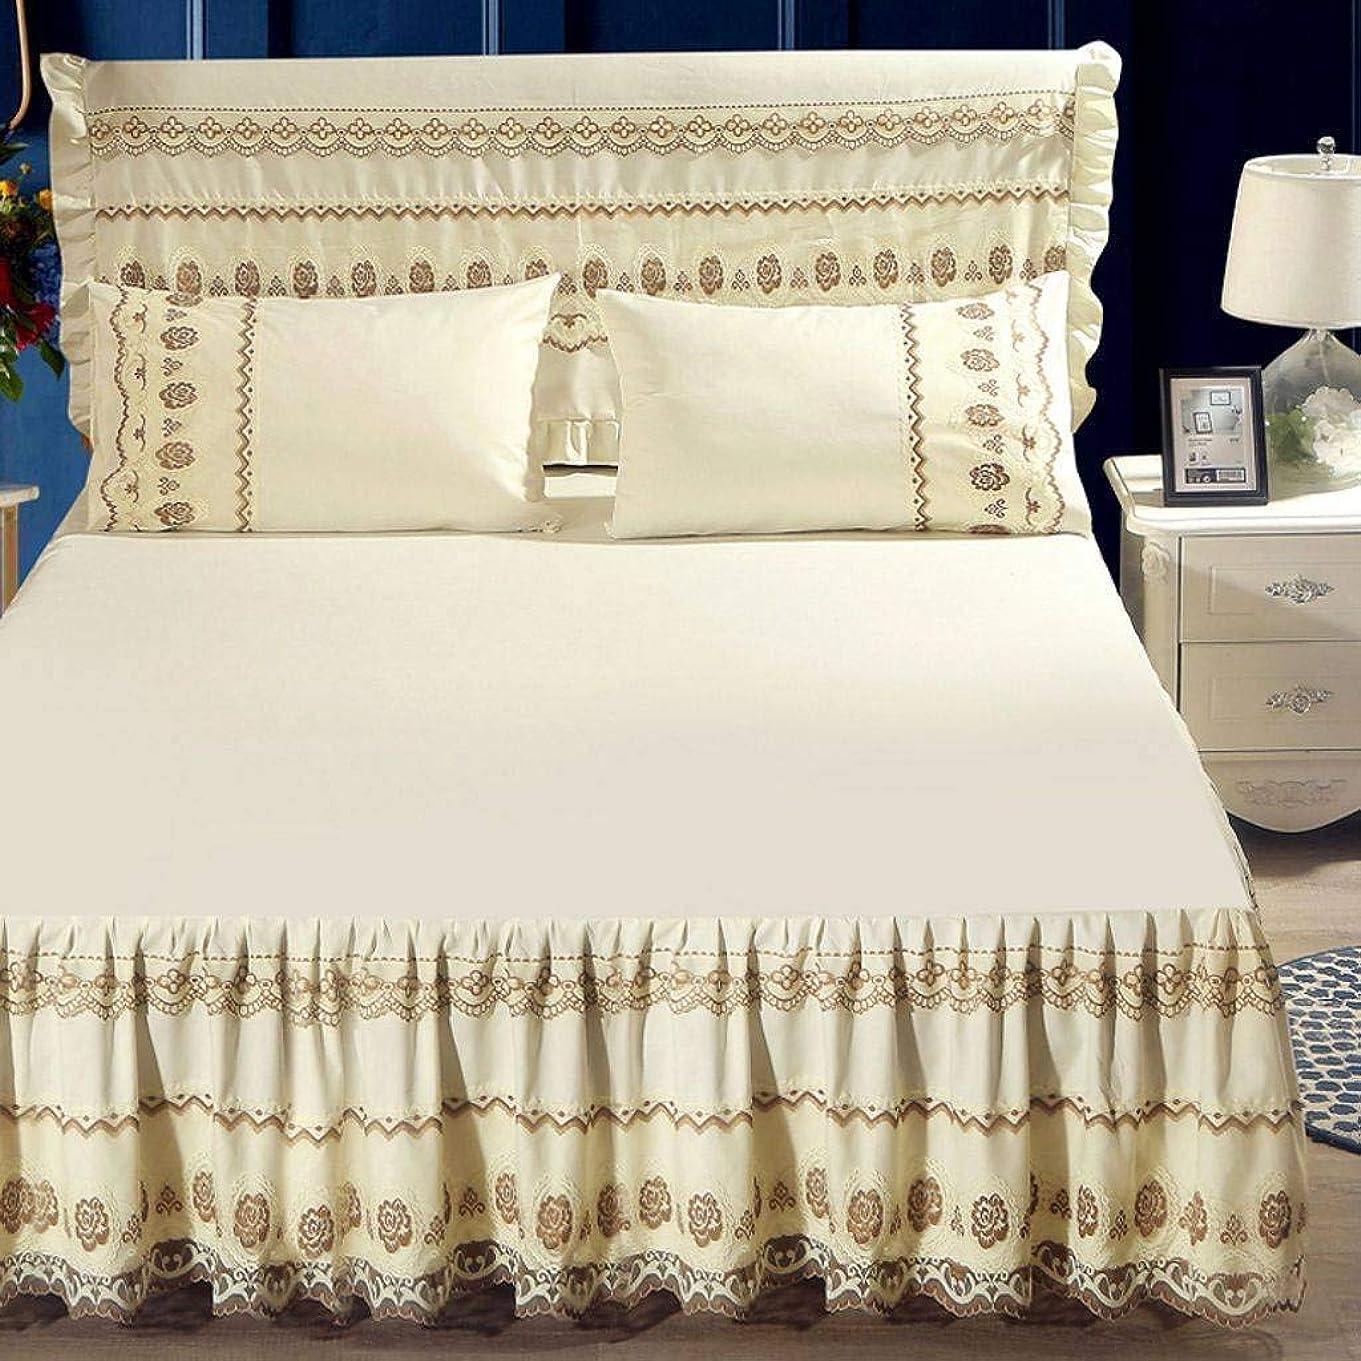 に付けるスリチンモイまでQXJR ベッドカバー,ベッドスカート,レース製,花柄,プリンセス ストレッチ ベッドスカート いベッドスカート シングル ラップアラウンドスタイル 寝具 ベッド用品-N-1.5*2.0Mベッドスカート